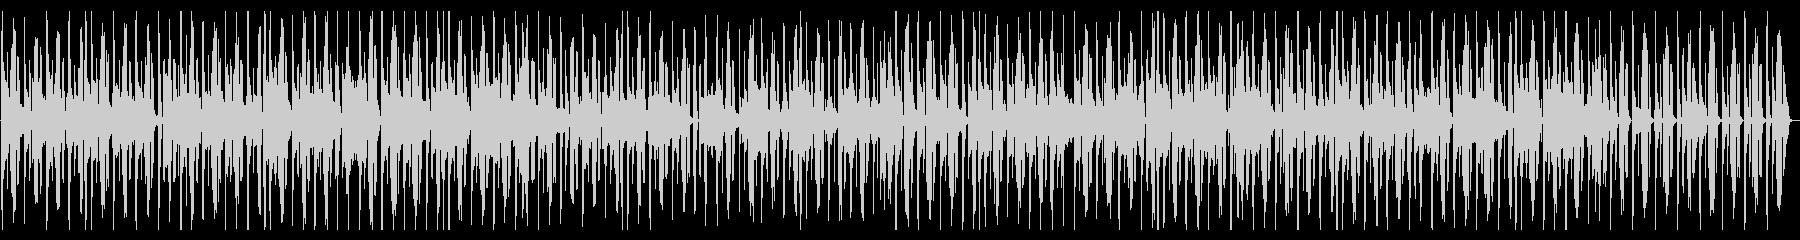 アーバンなジャジーヒップホップの未再生の波形